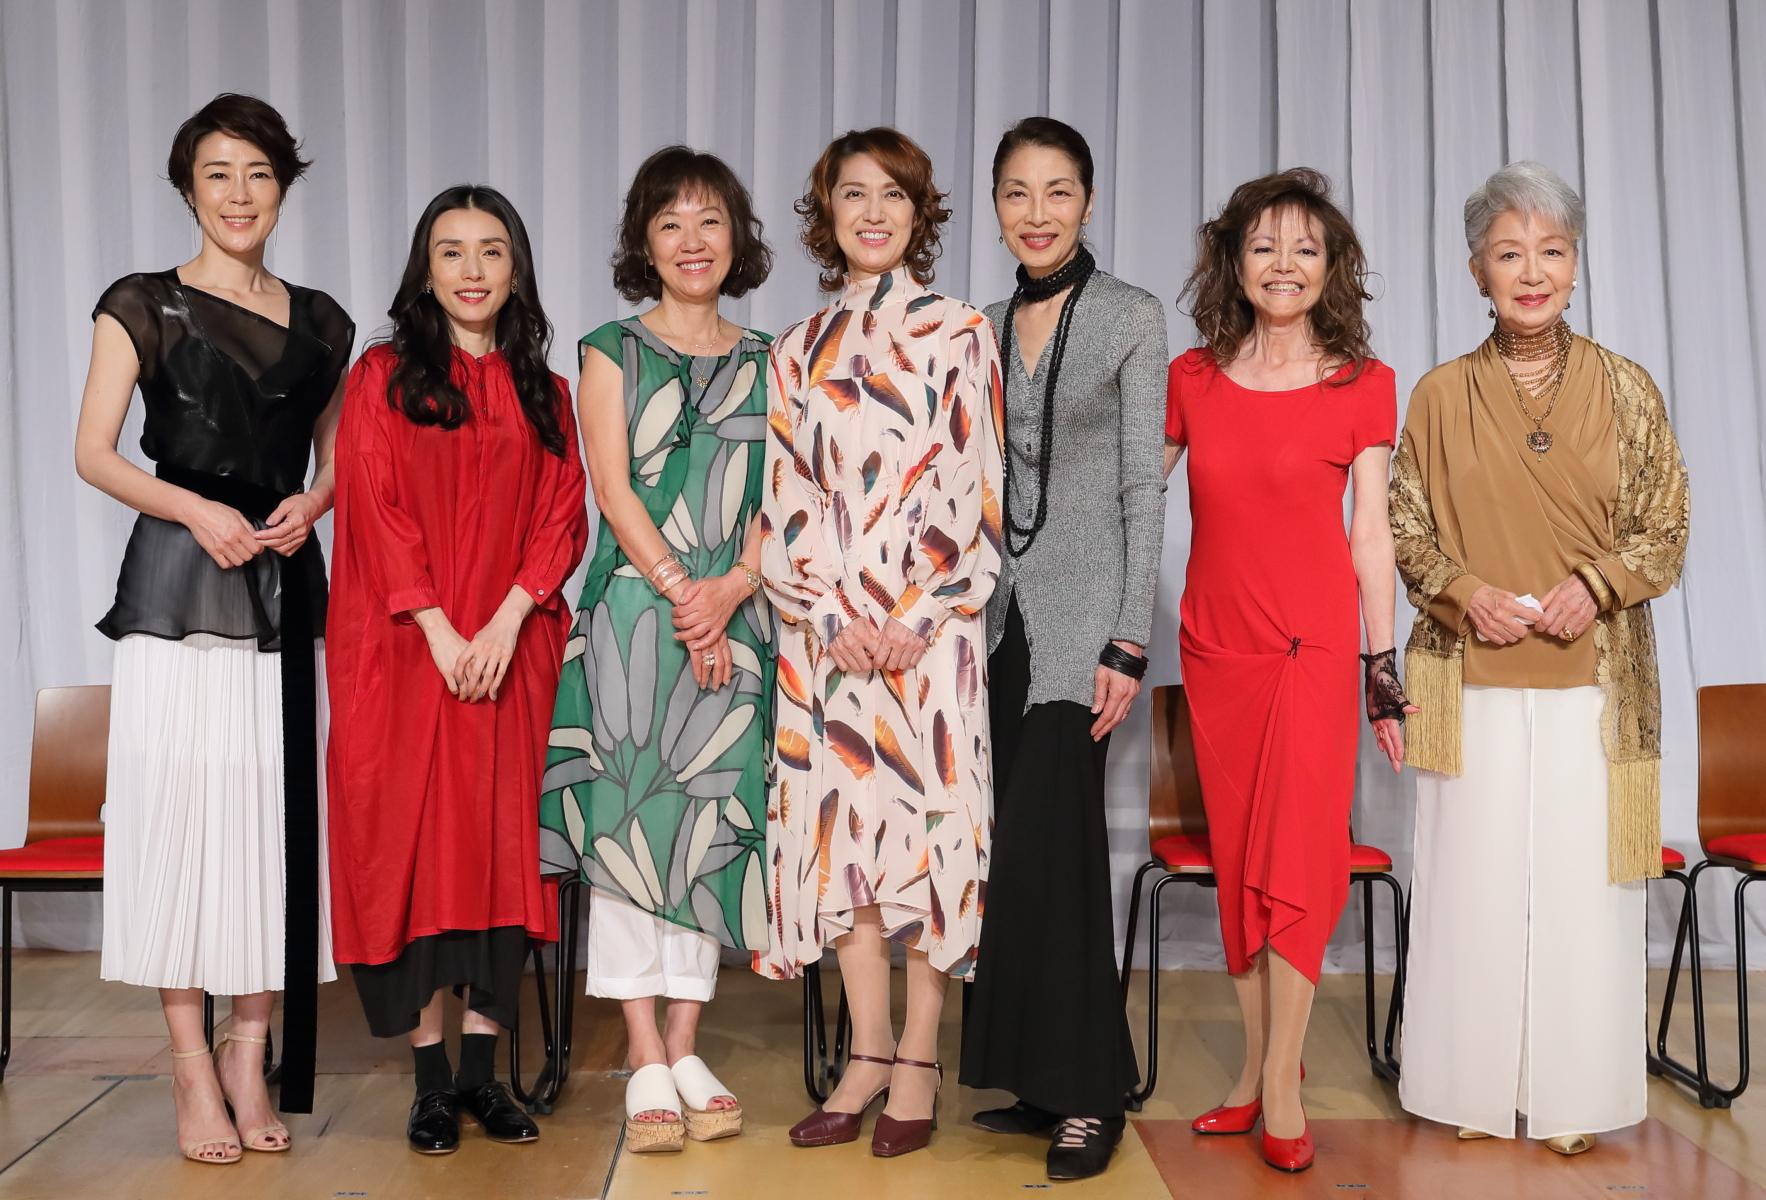 (右から)草笛光子、木の実ナナ、麻実れい、剣幸、浅田美代子、中嶋朋子、寺嶋しのぶ